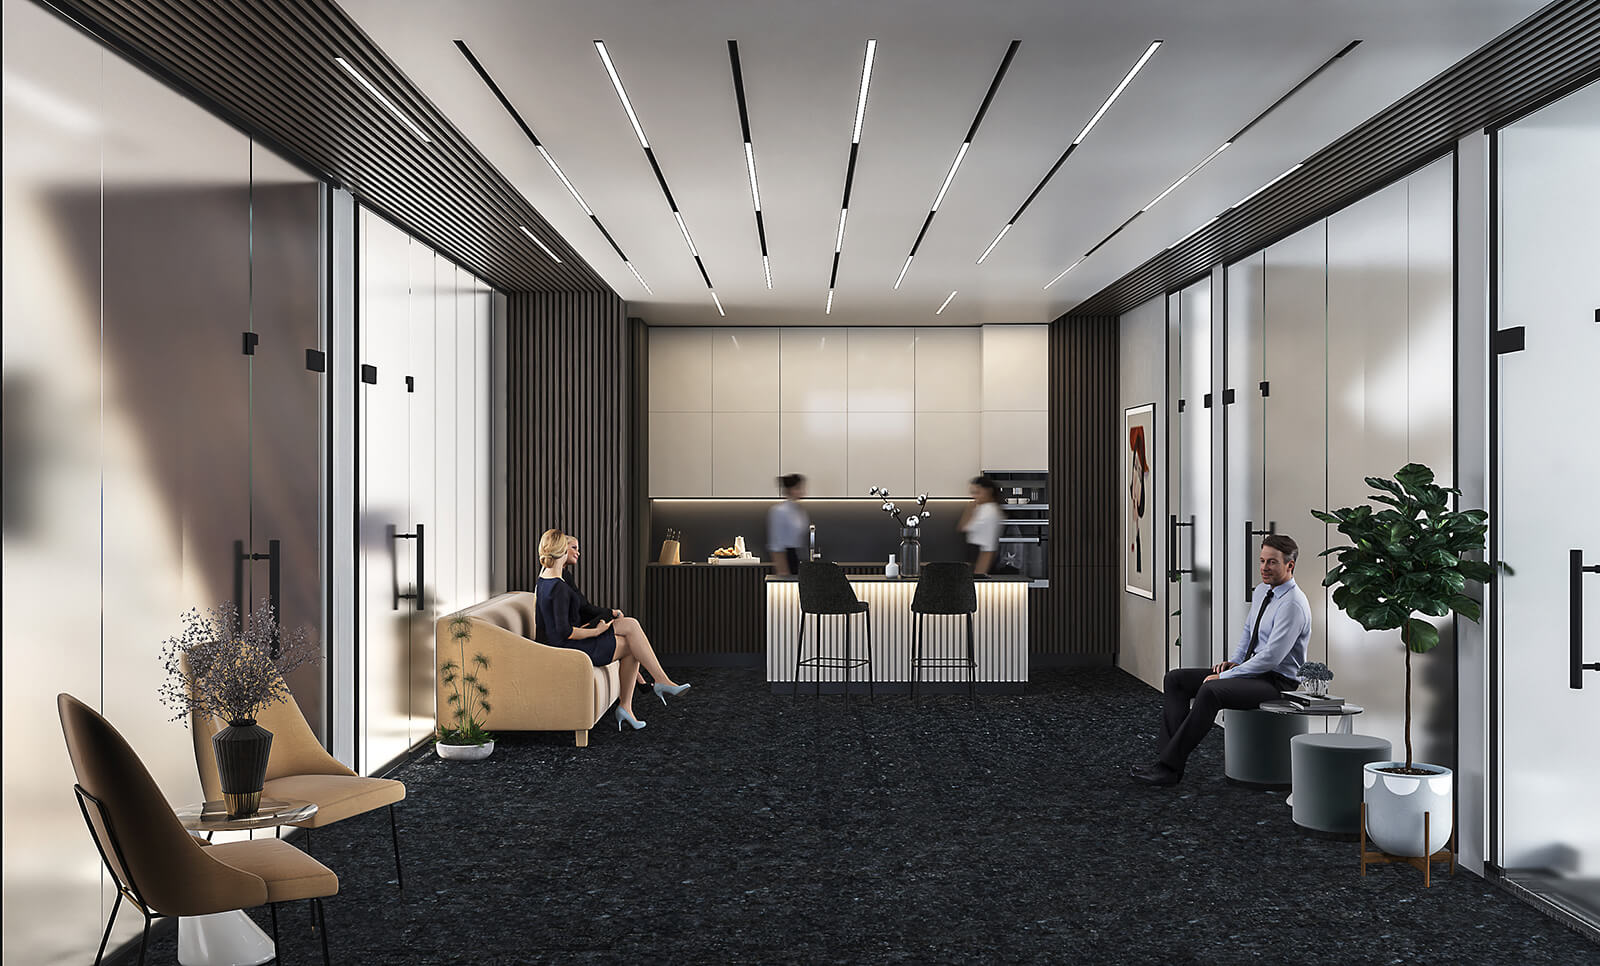 interioren dizain proekt predverie na ofis sgrada rivera